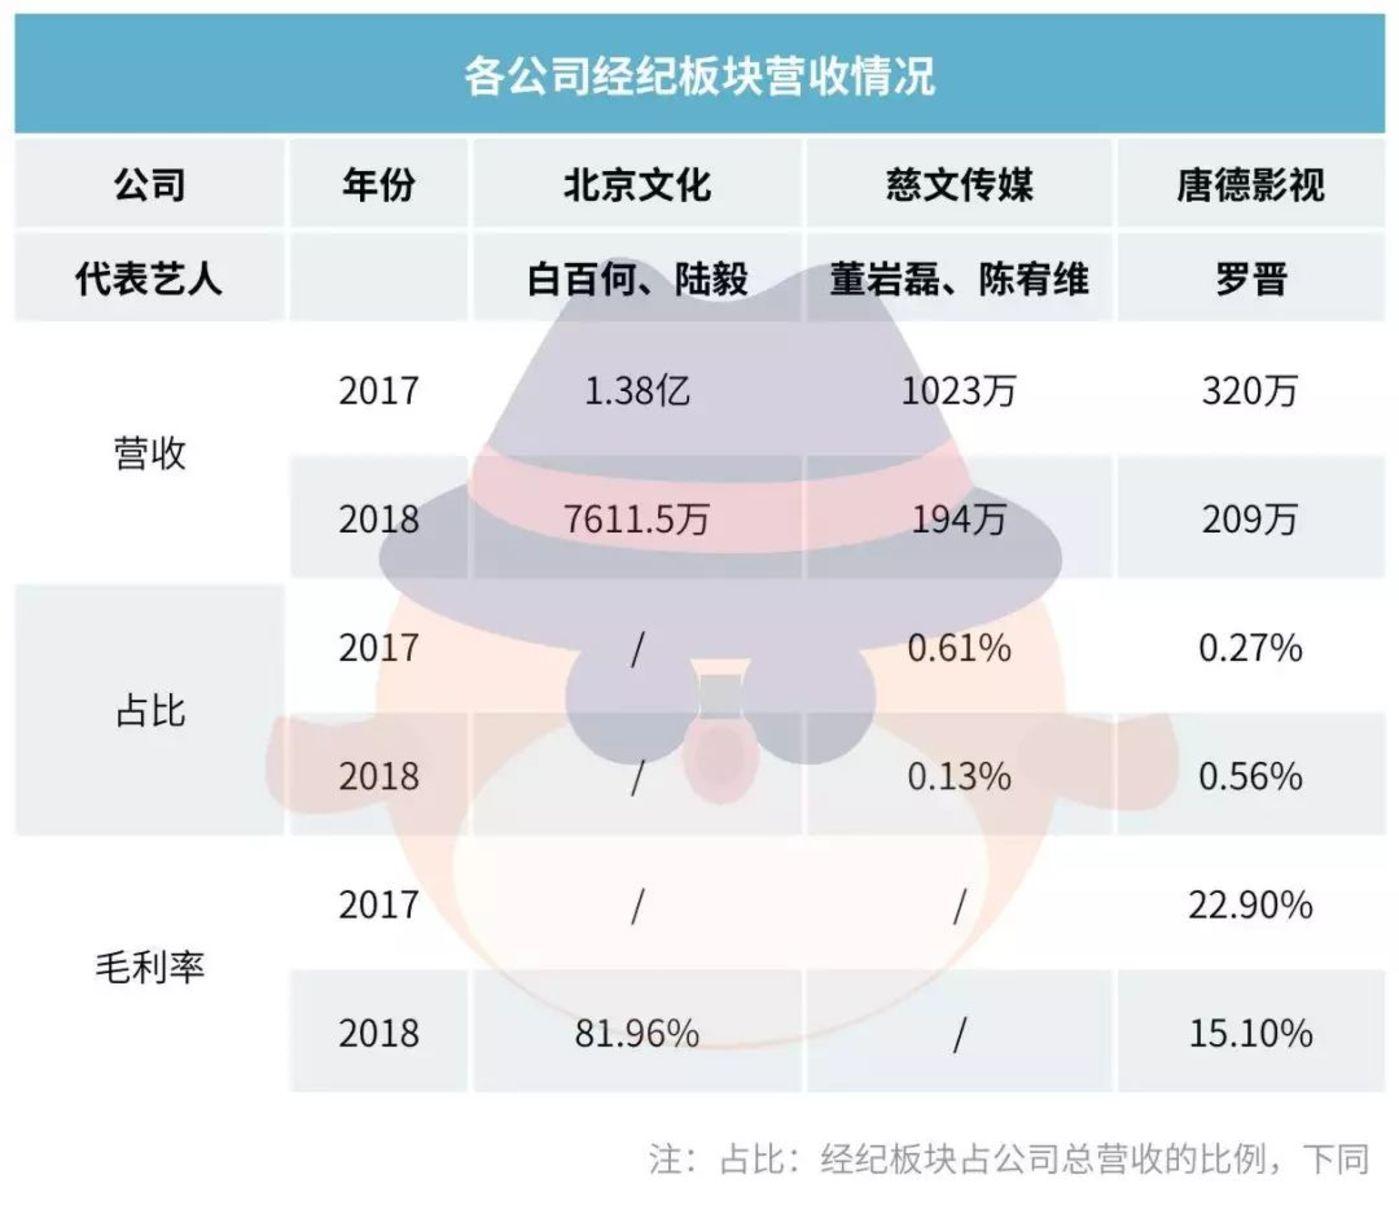 盘点上市公司经纪收入,李易峰胡一天们影响多大?